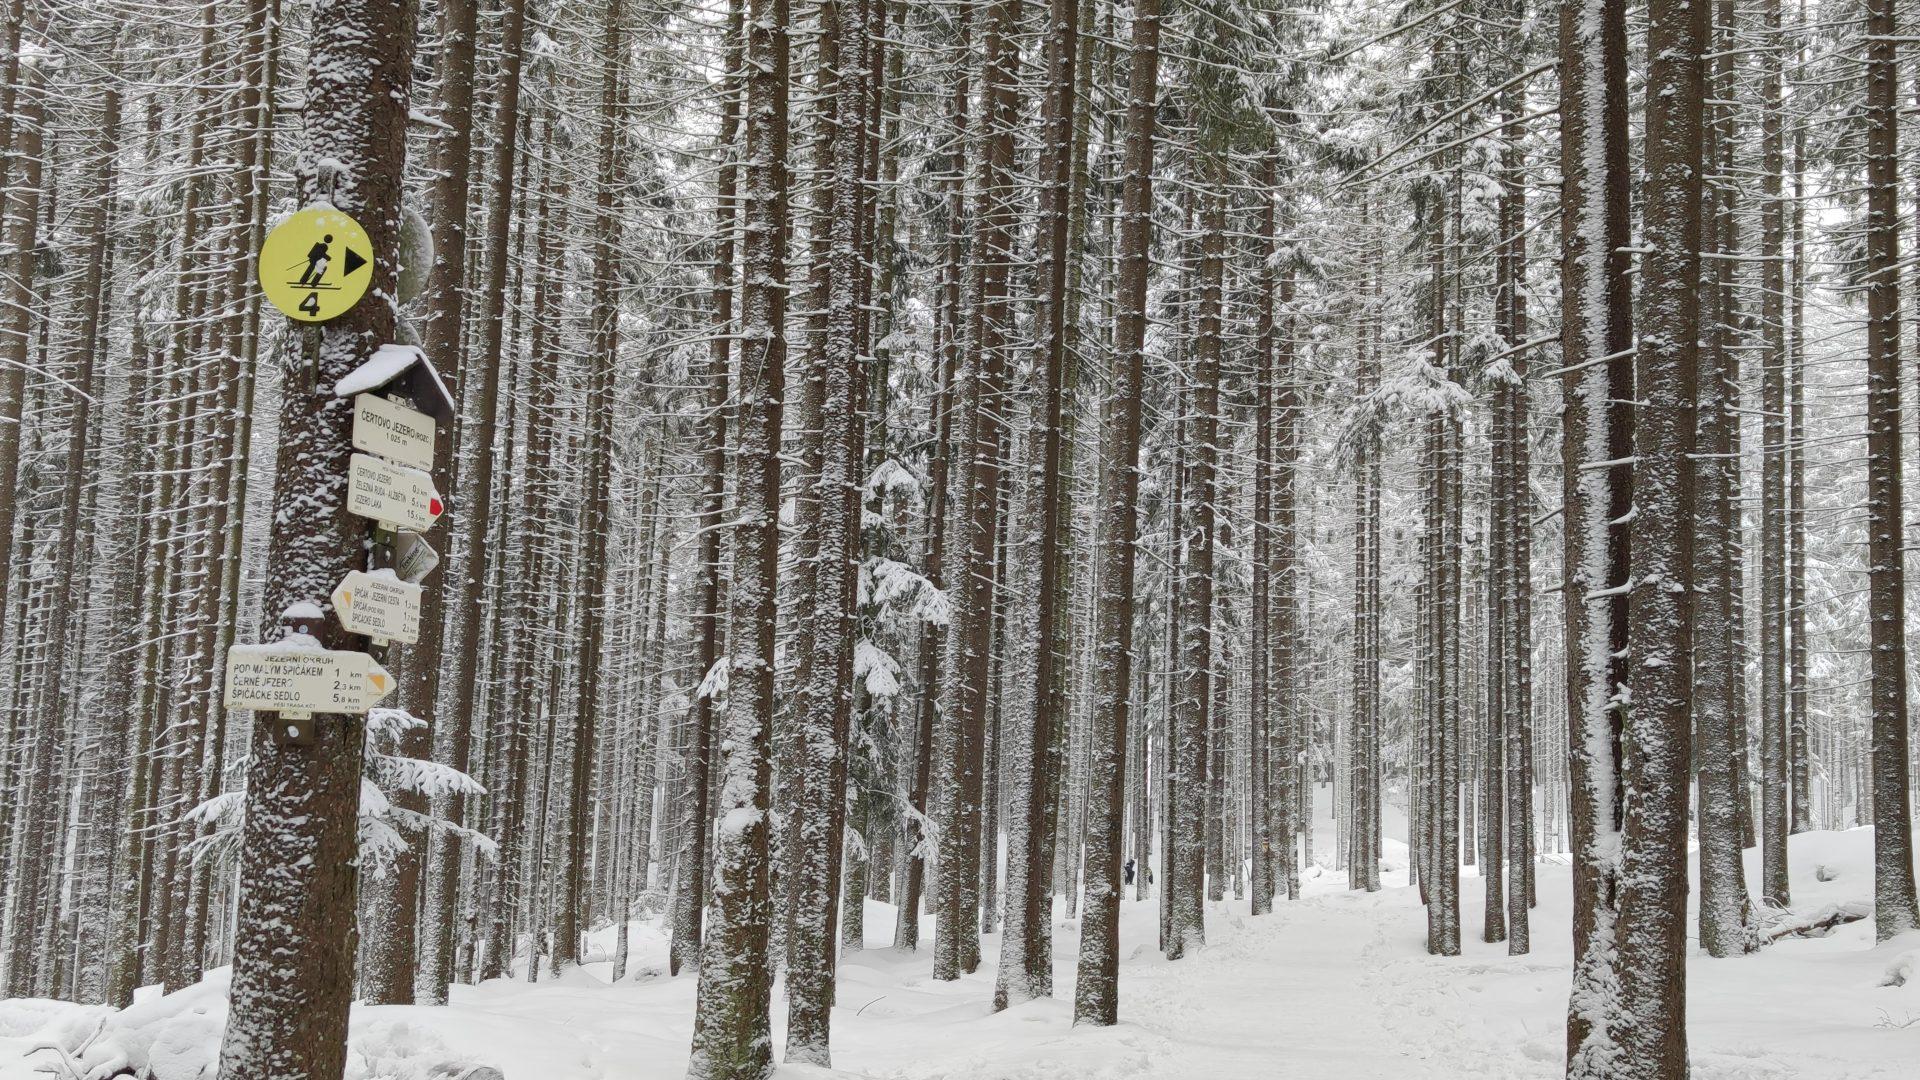 Šumava je přívětivá hlavně pro začínající skialpinisty. Foto: Michaela Bučková